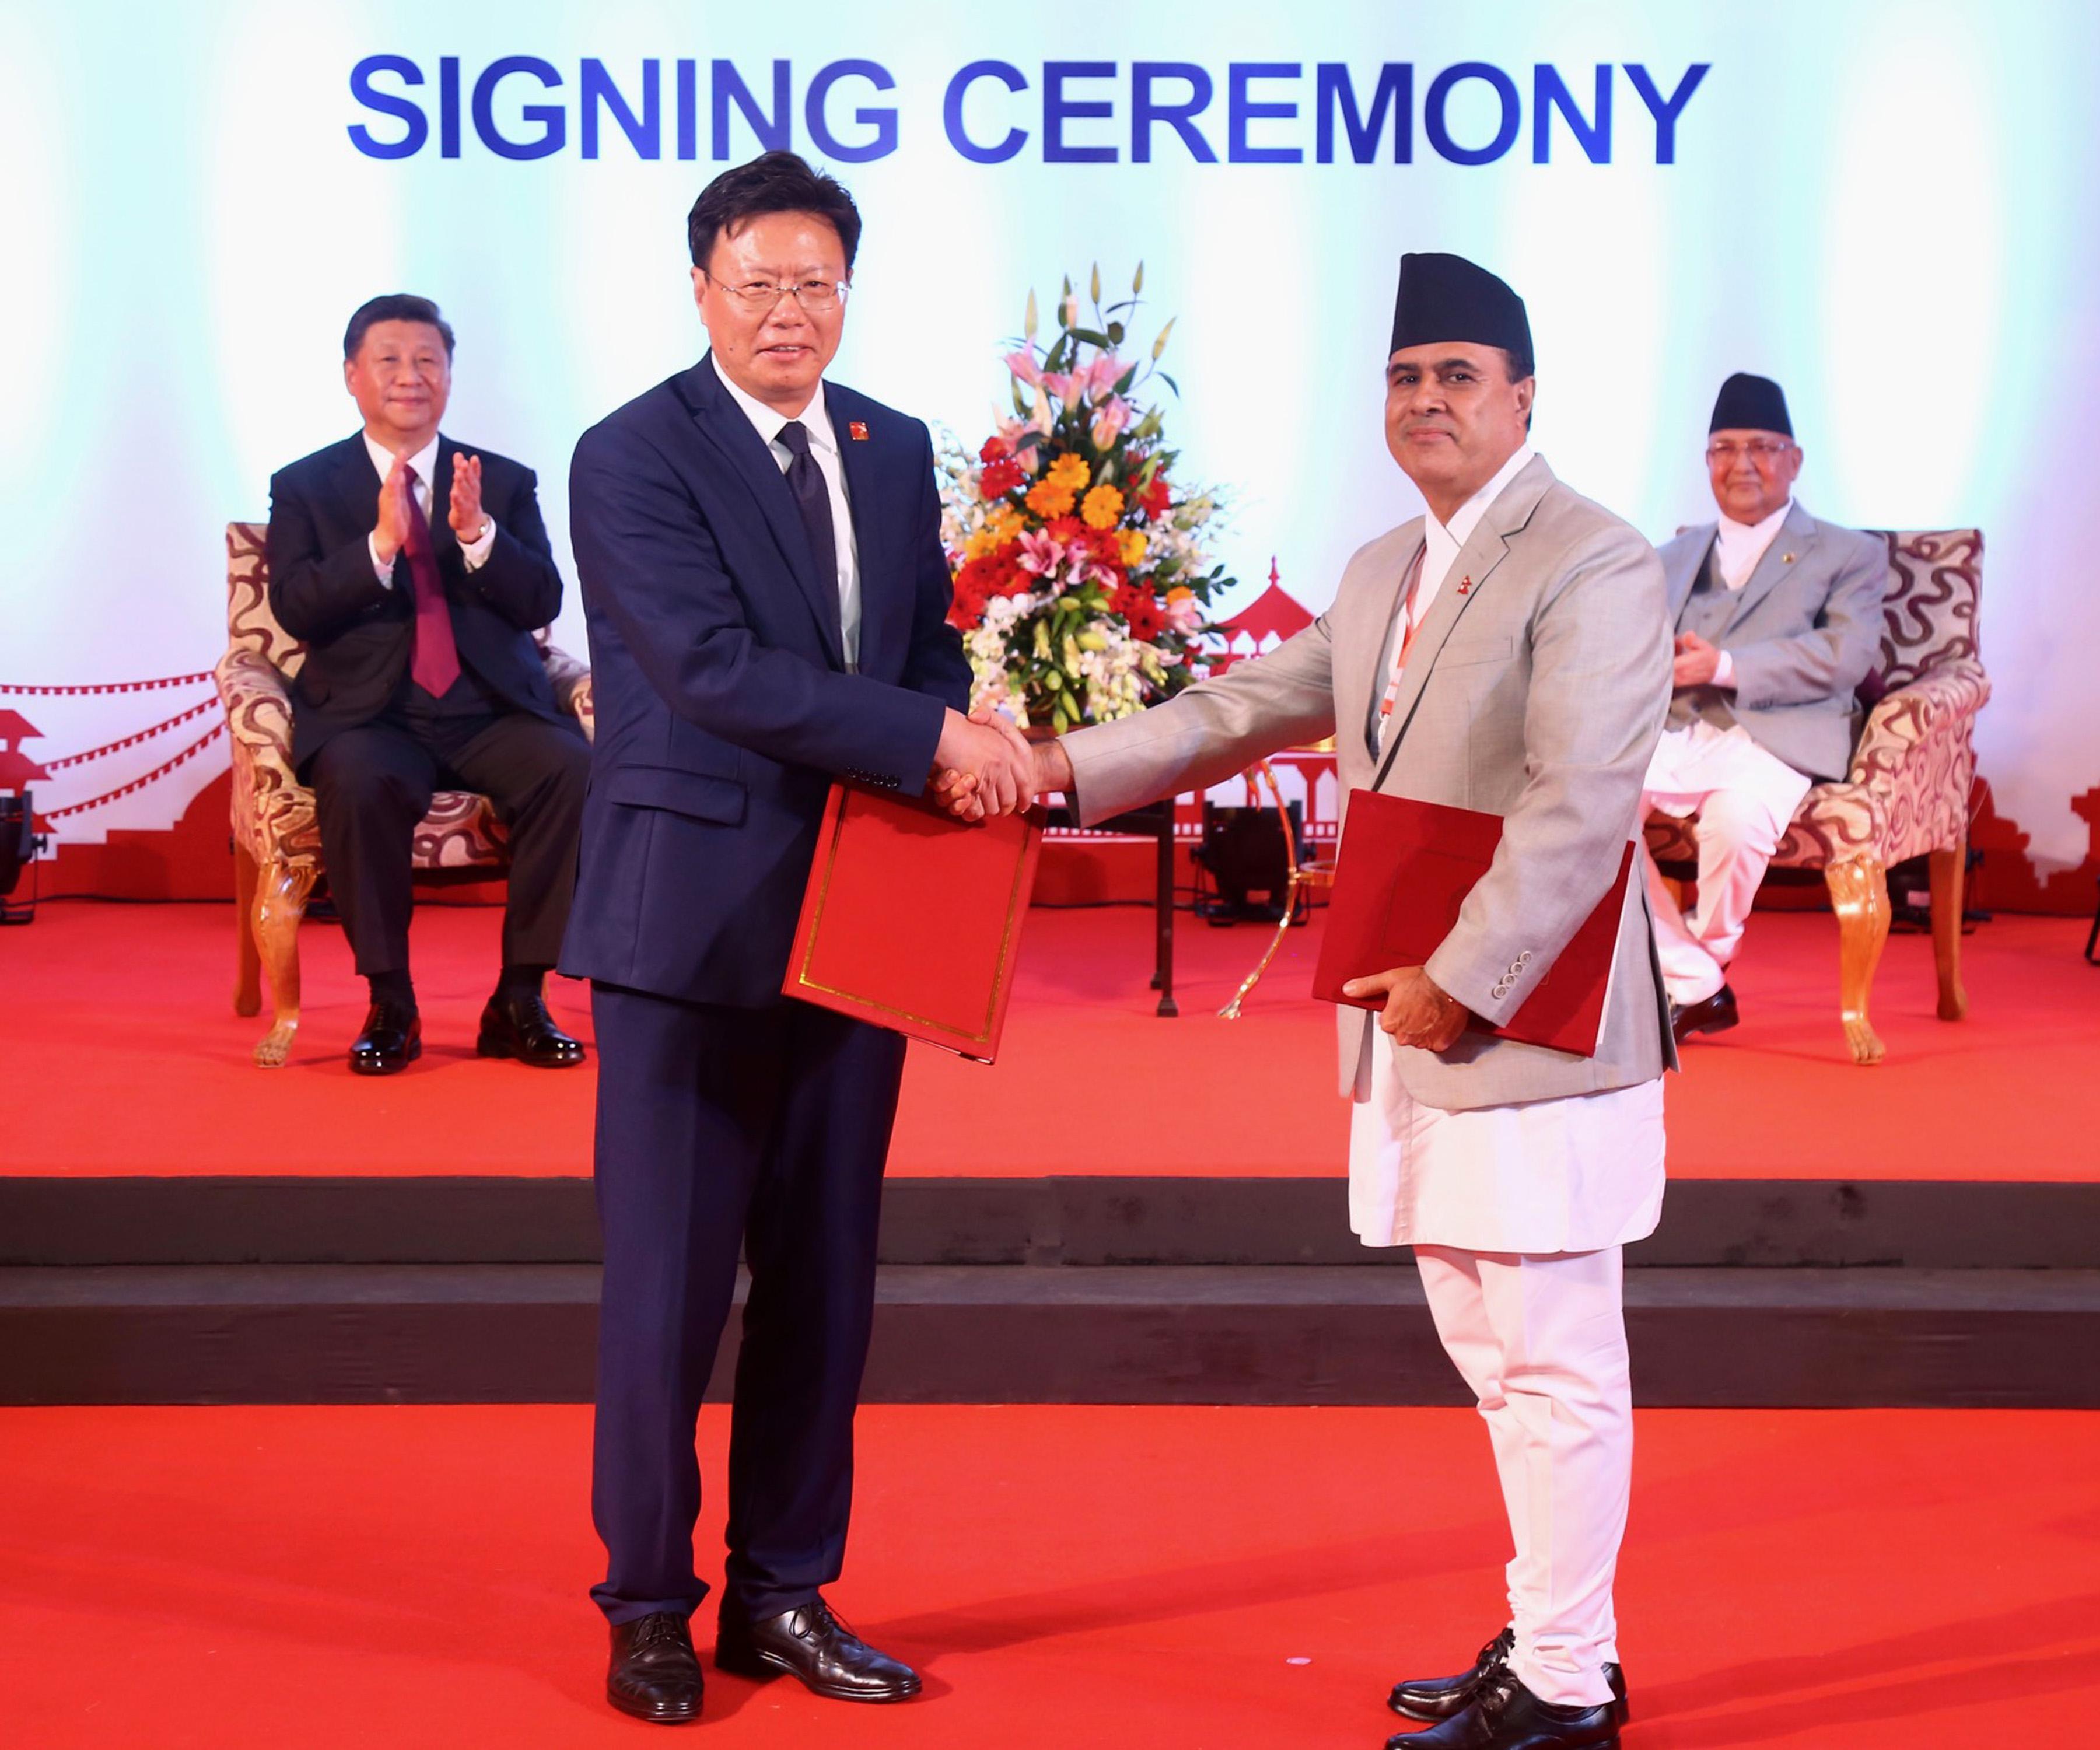 यस्ता छन् नेपाल र चीन सम्झौता र समझदारीको २० बुँदा